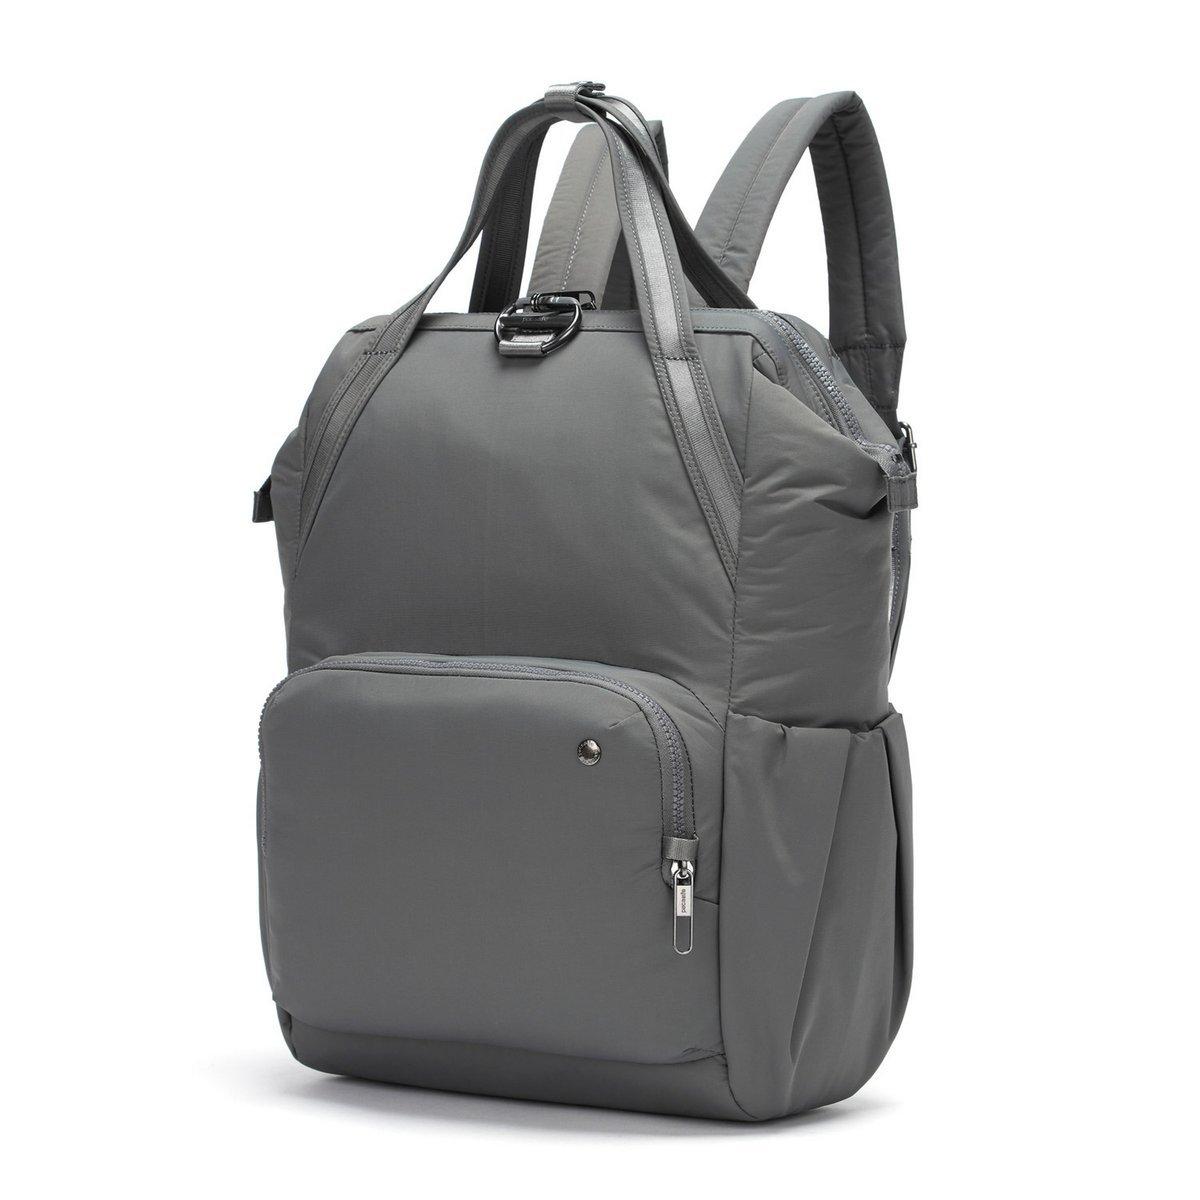 Plecak antykradzieżowy Pacsafe Citysafe CX Econyl Storm